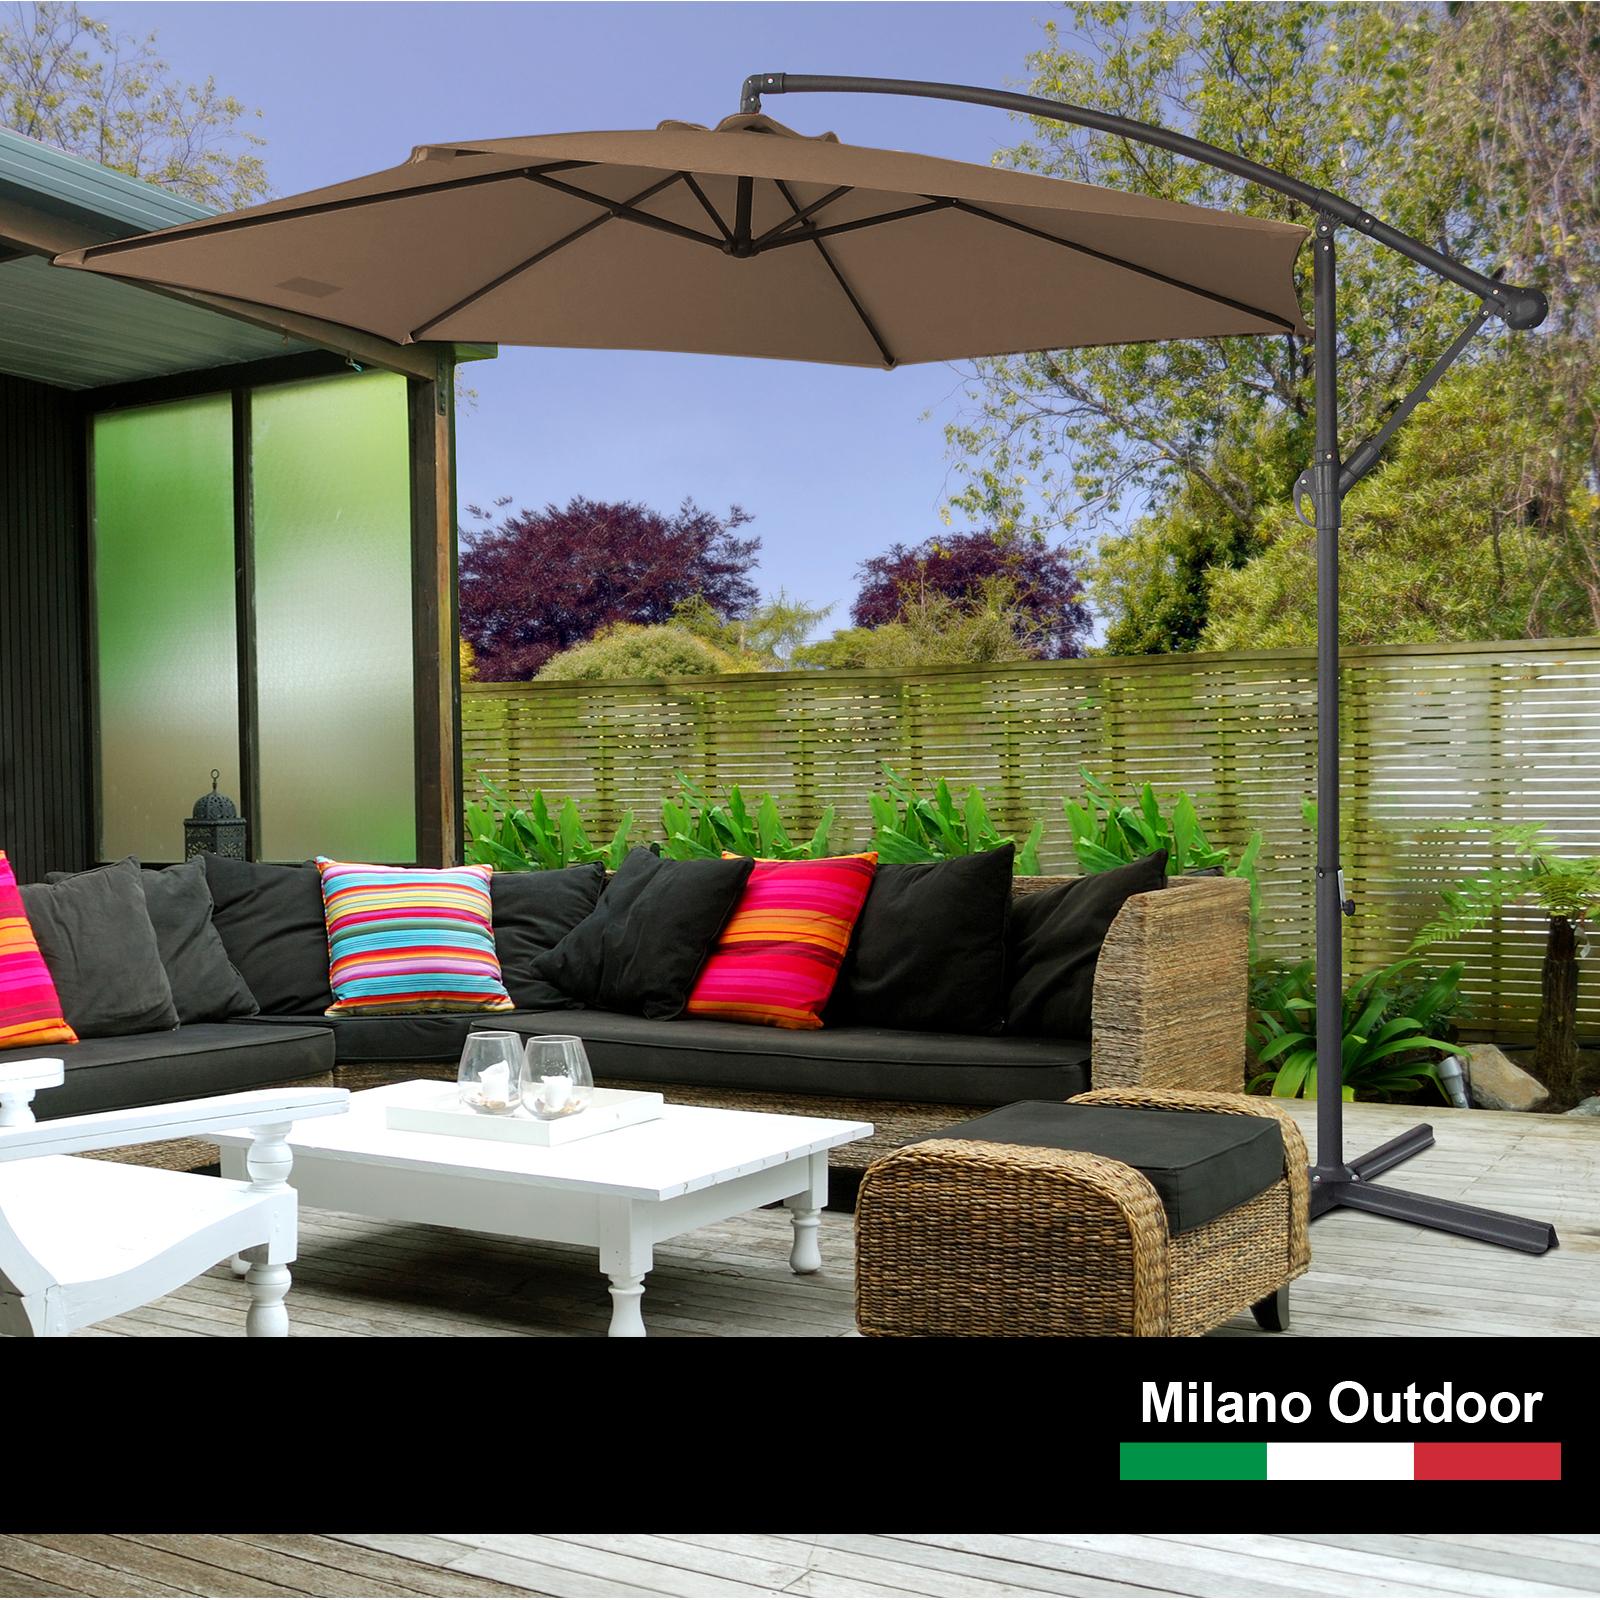 thumbnail 52 - Milano Outdoor 3 Metre Cantilever Umbrella UV Sunshade Garden Patio Deck